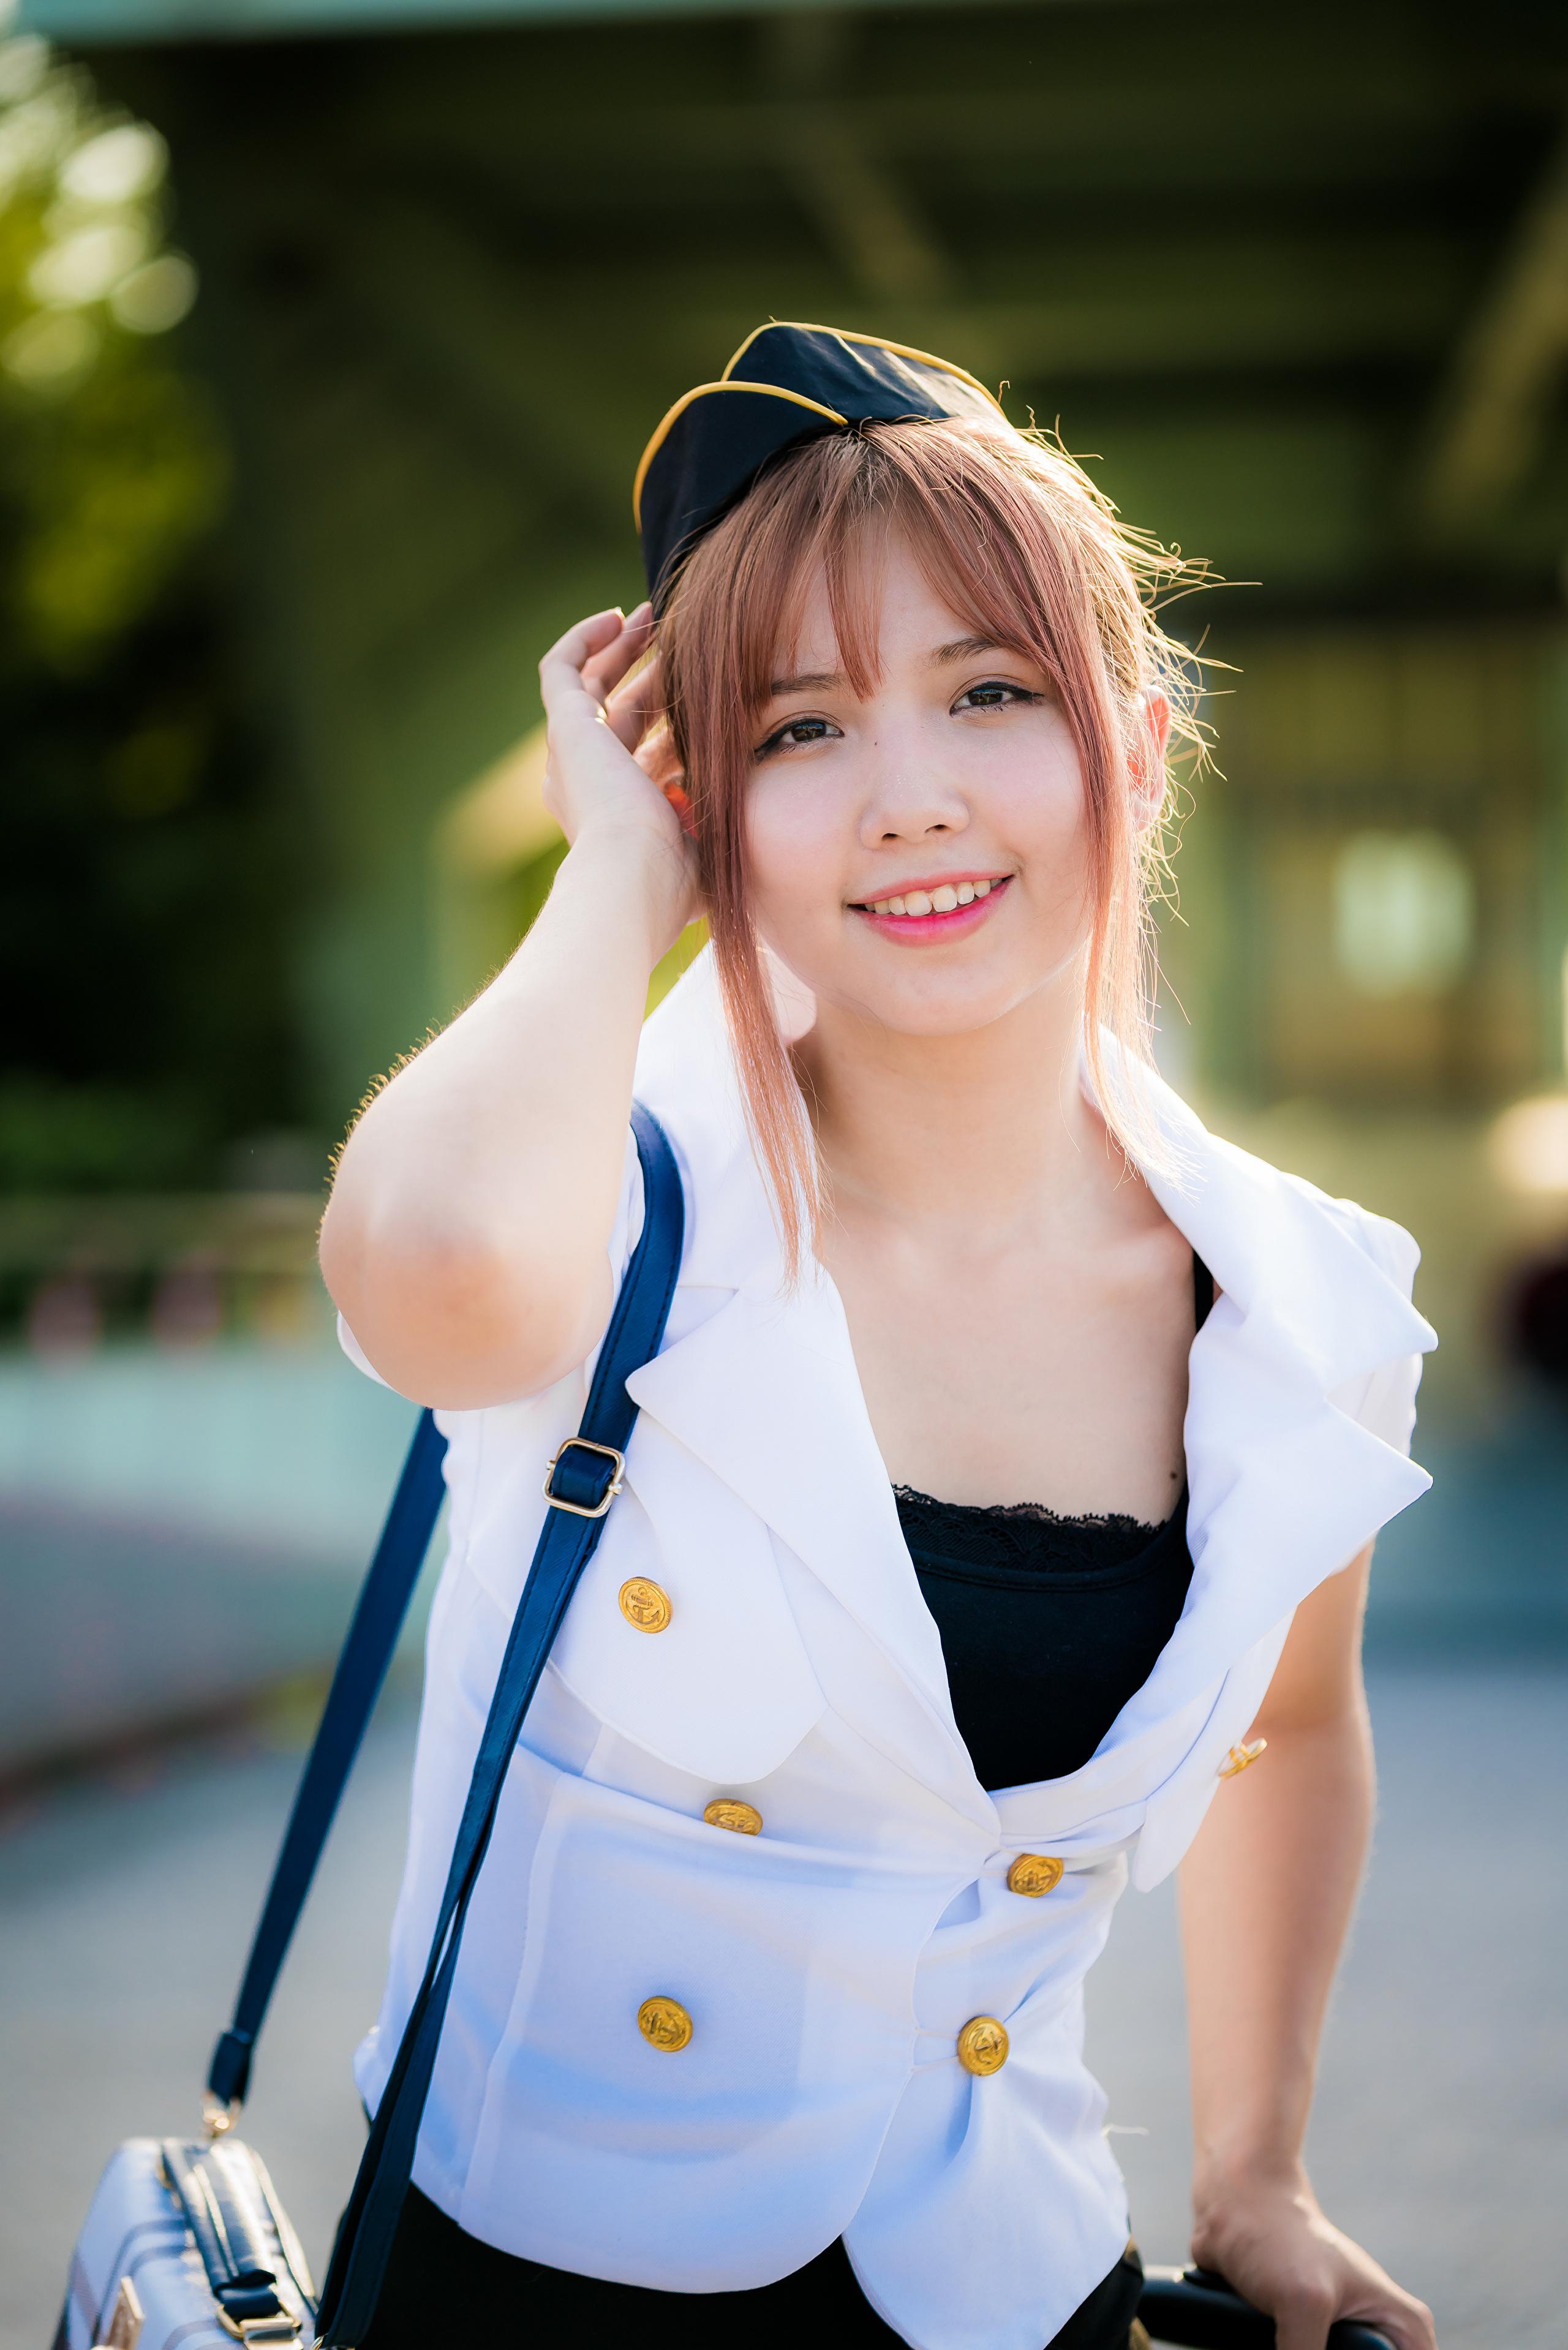 Картинки Стюардессы Улыбка молодые женщины Азиаты Униформа смотрят 2560x3837 для мобильного телефона стюардесс стюардесса улыбается девушка Девушки молодая женщина азиатки азиатка униформе Взгляд смотрит